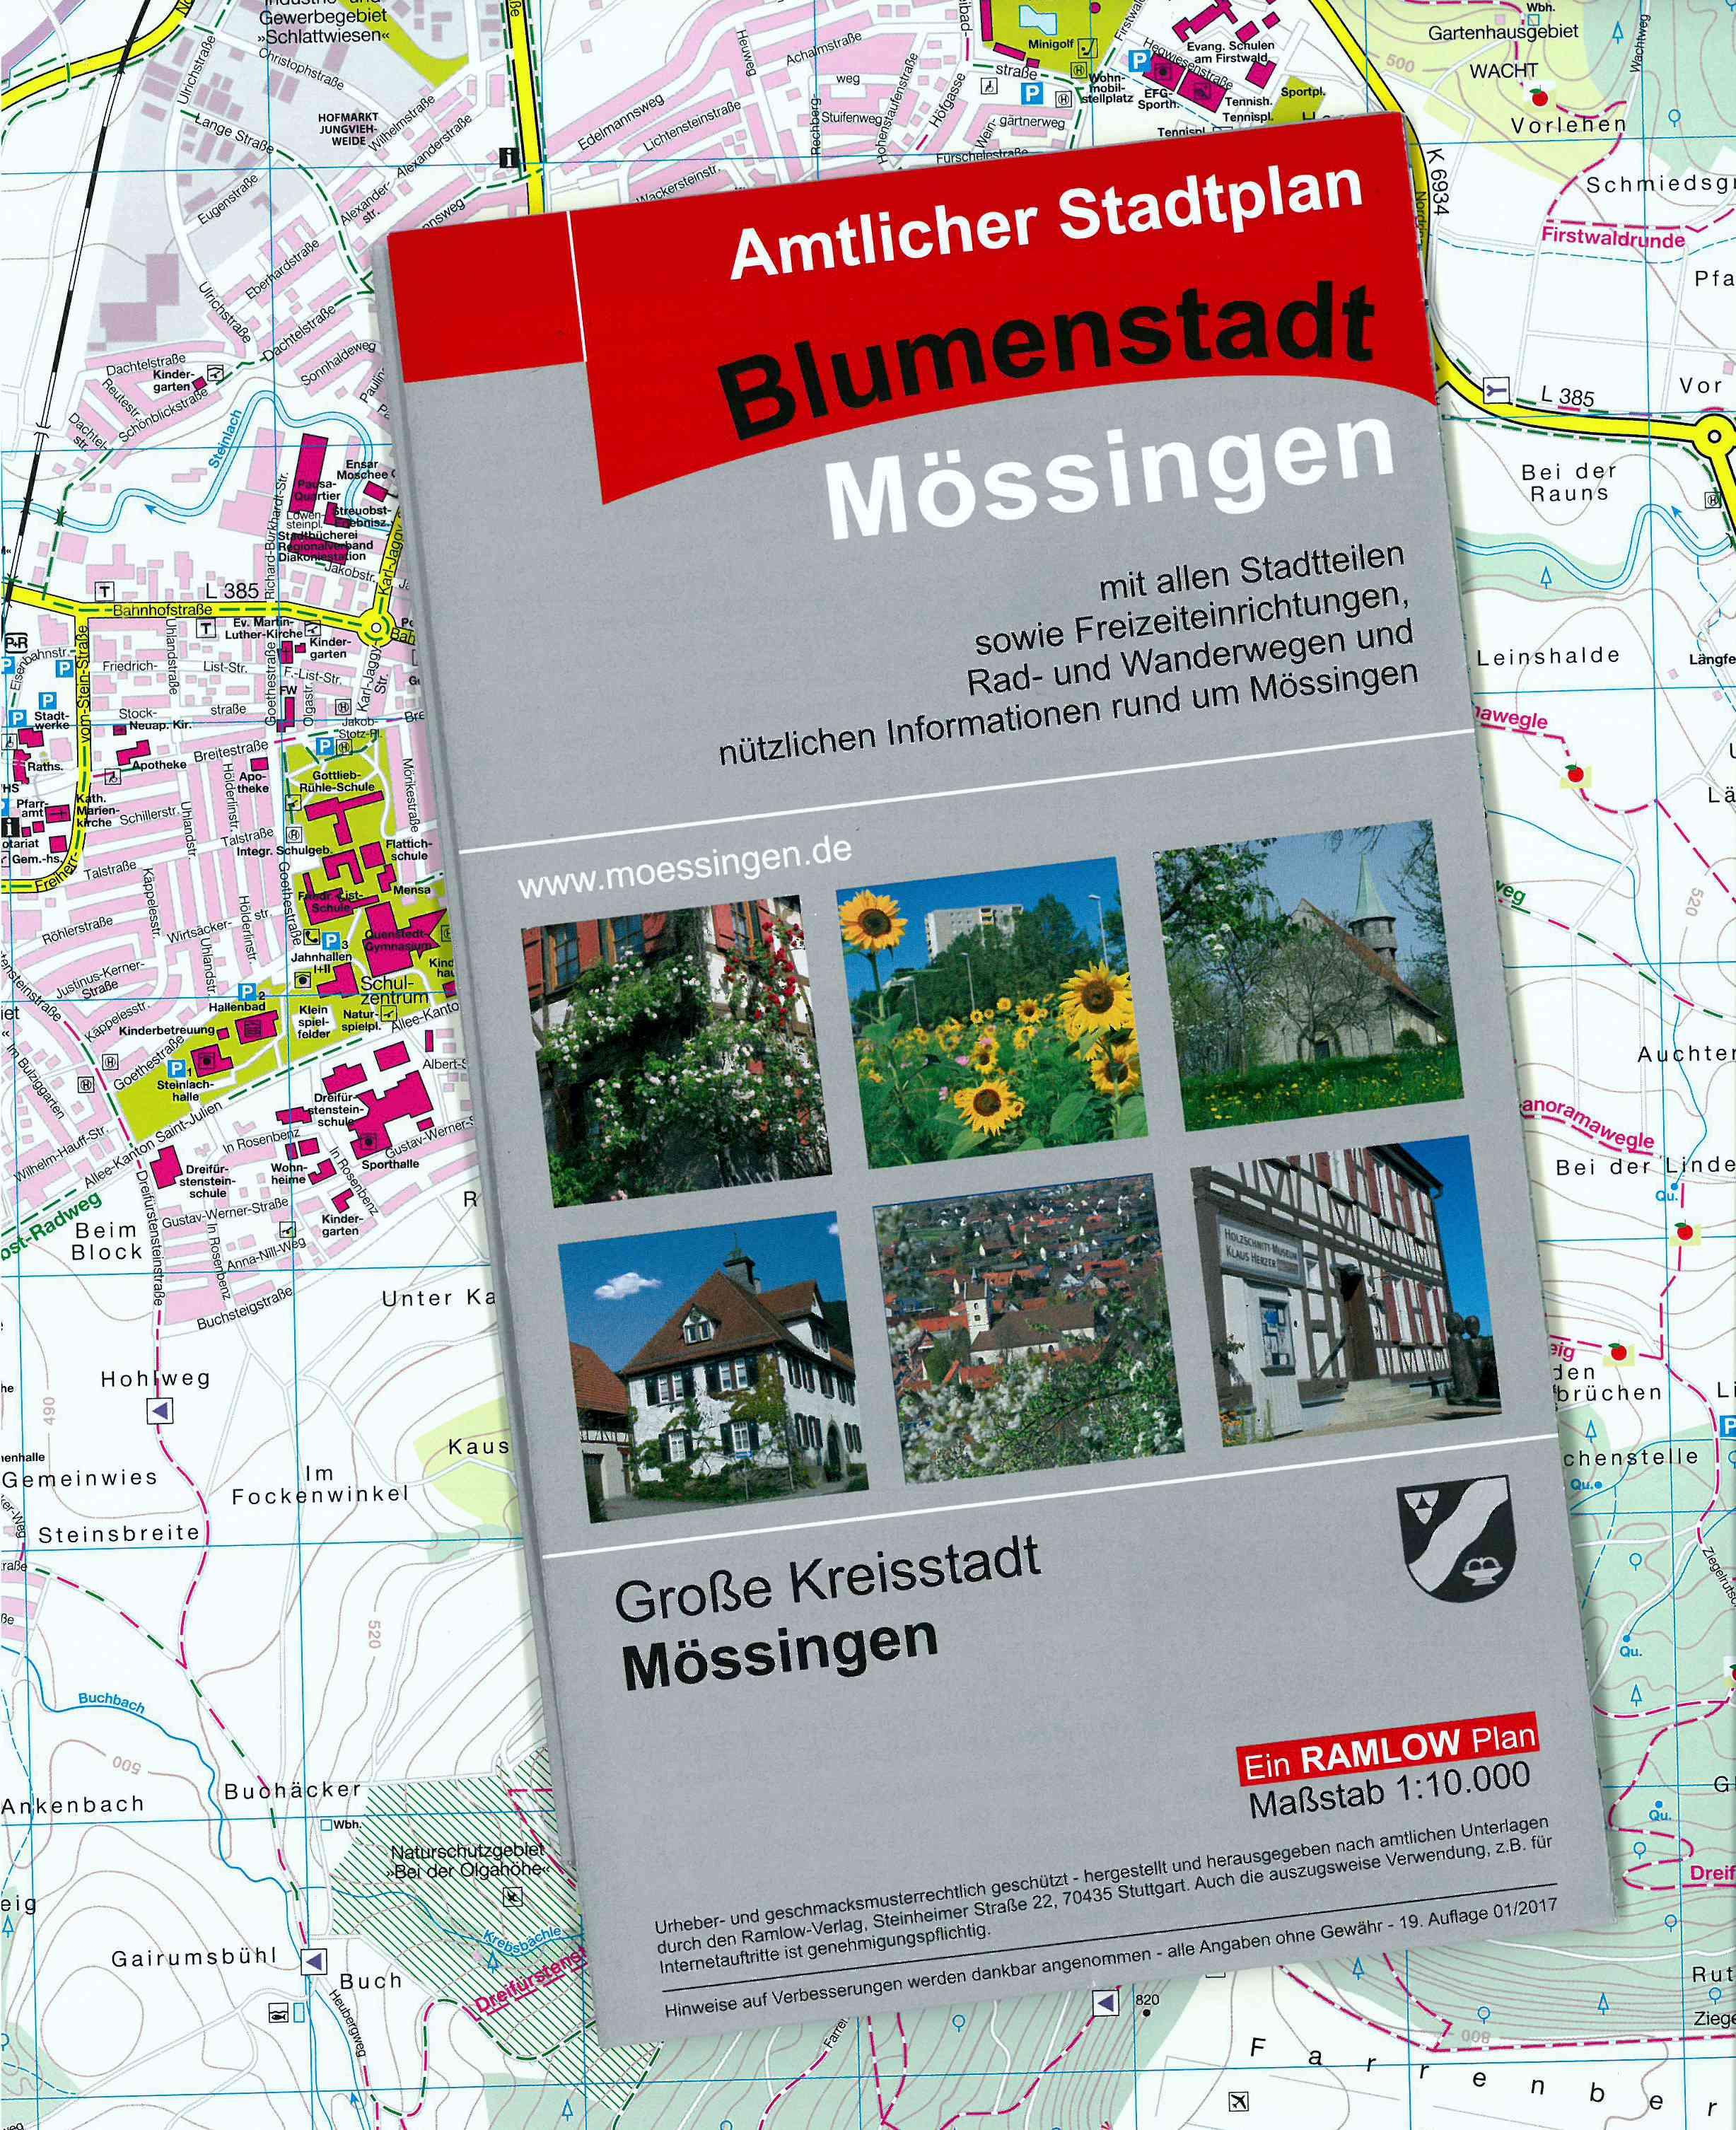 Amtlicher Stadtplan Mössingen